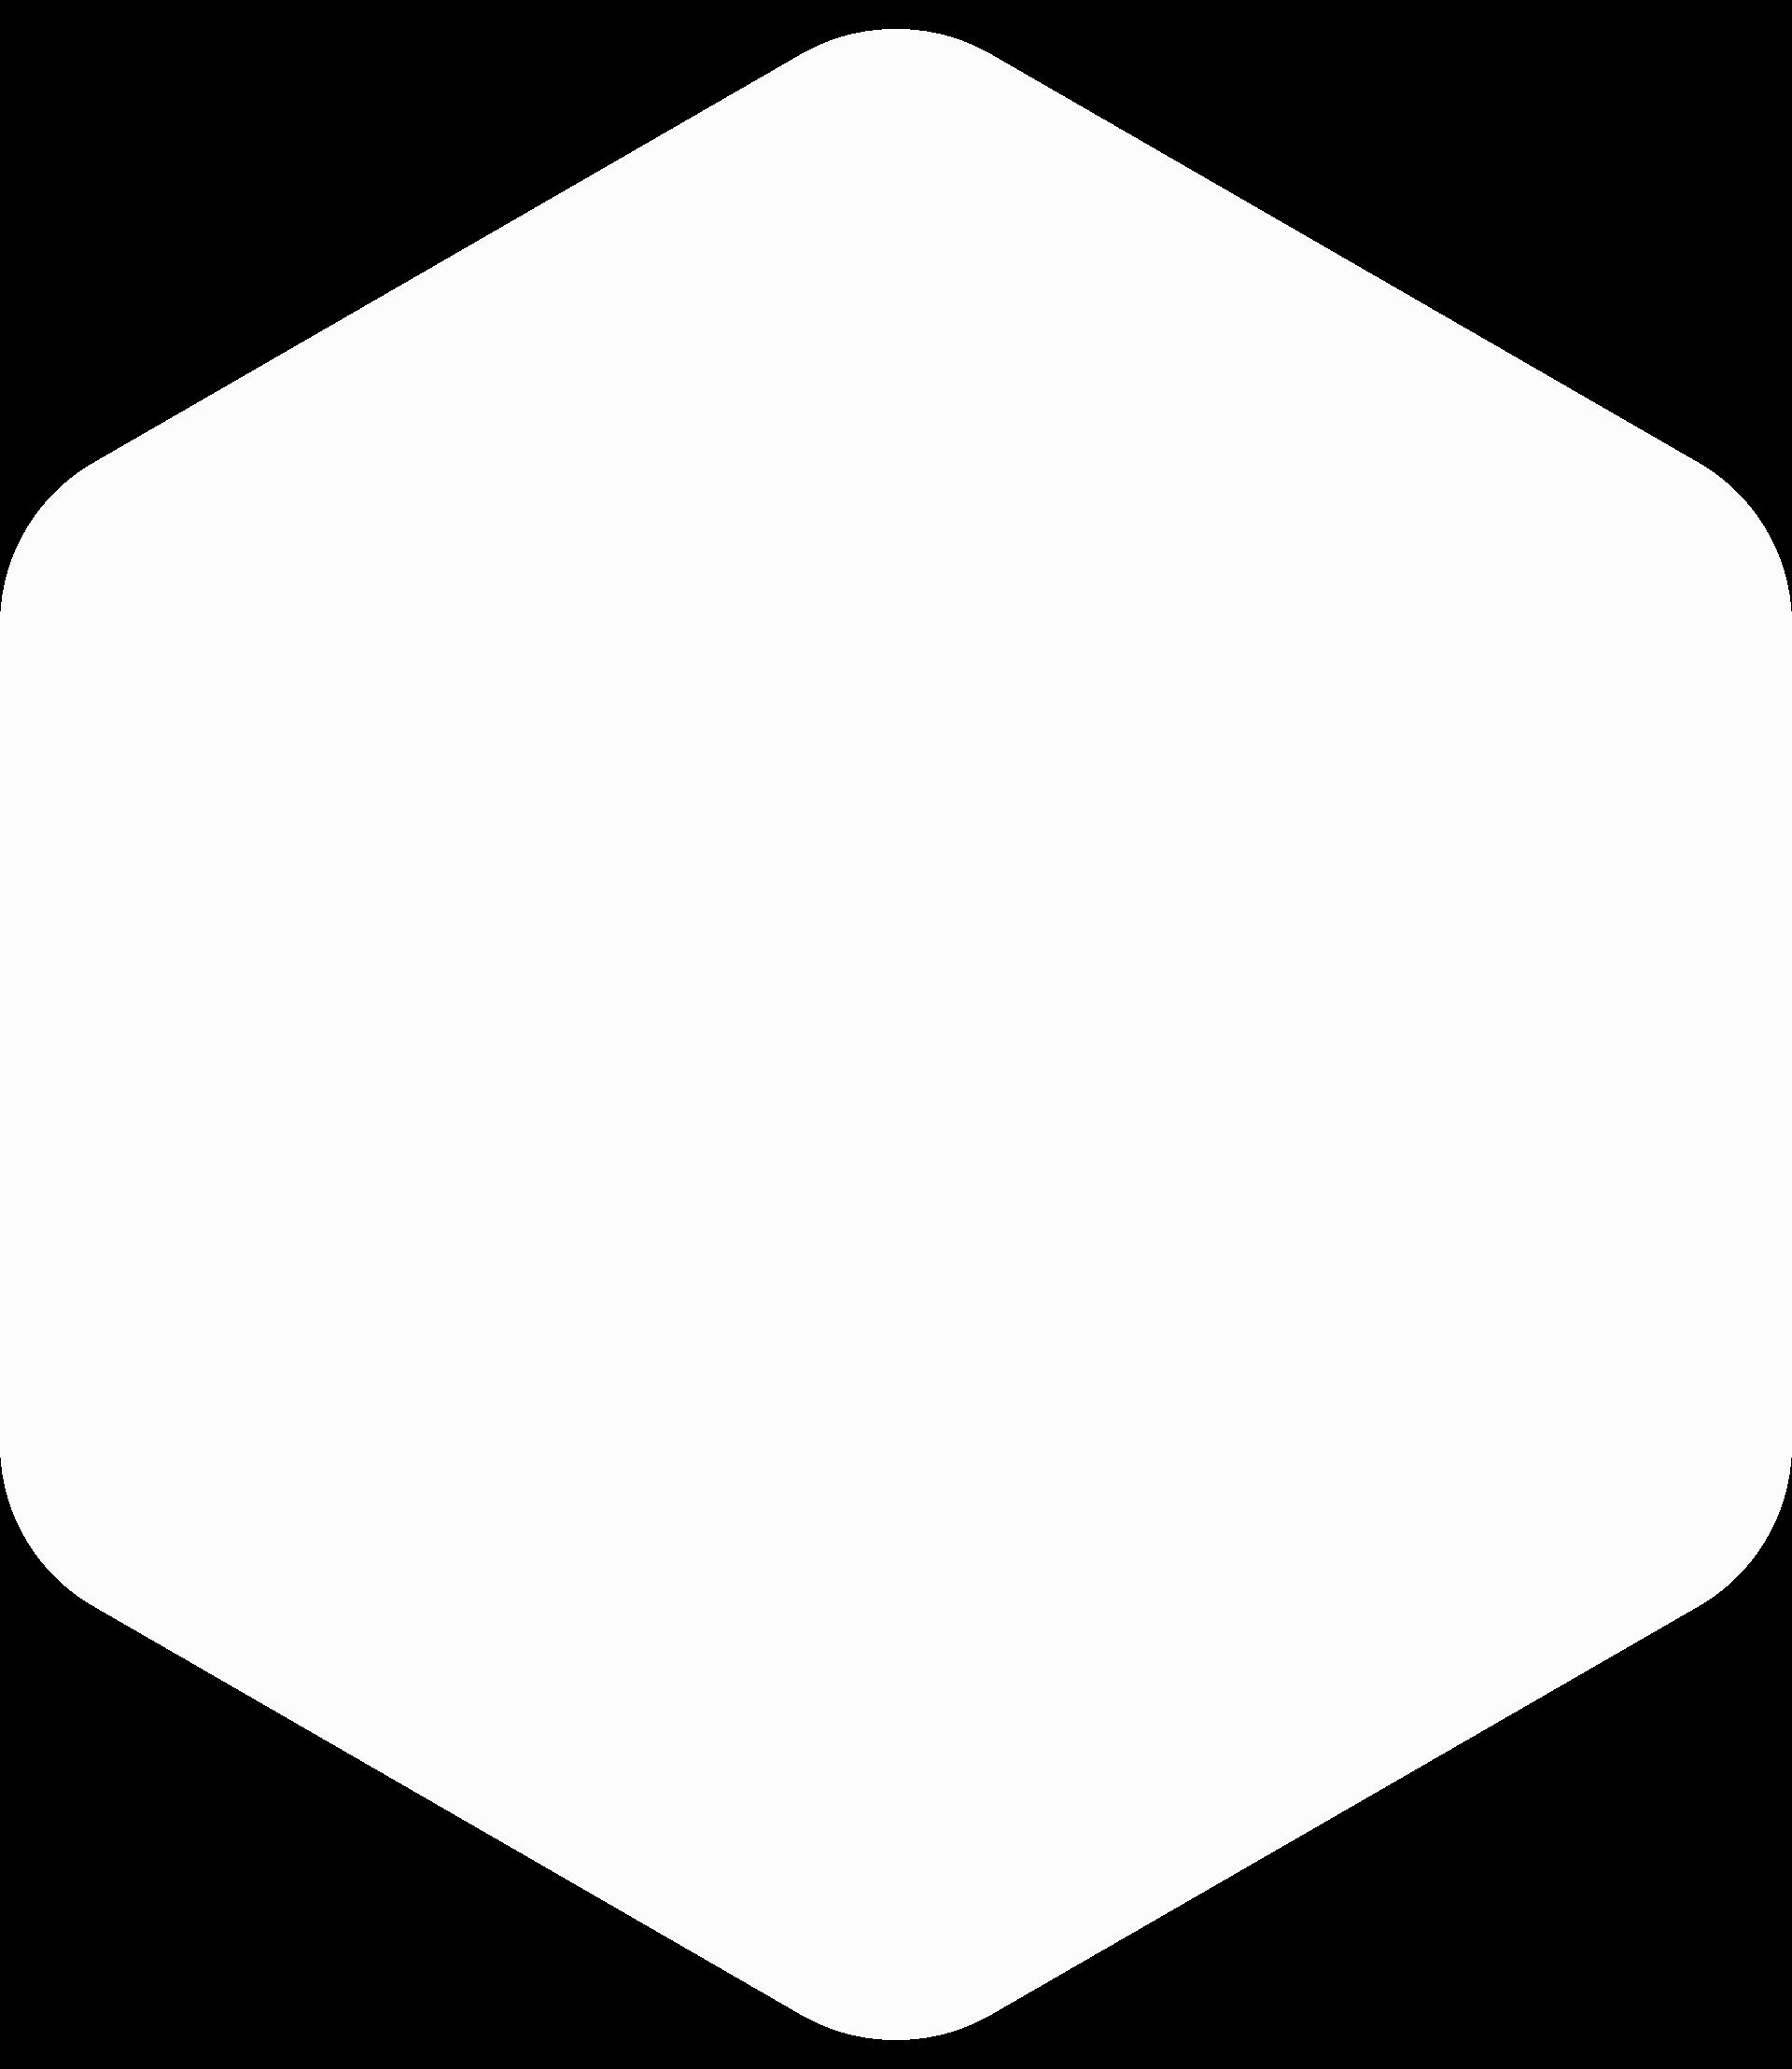 Esilehe illustratsioon kuusnurk 2